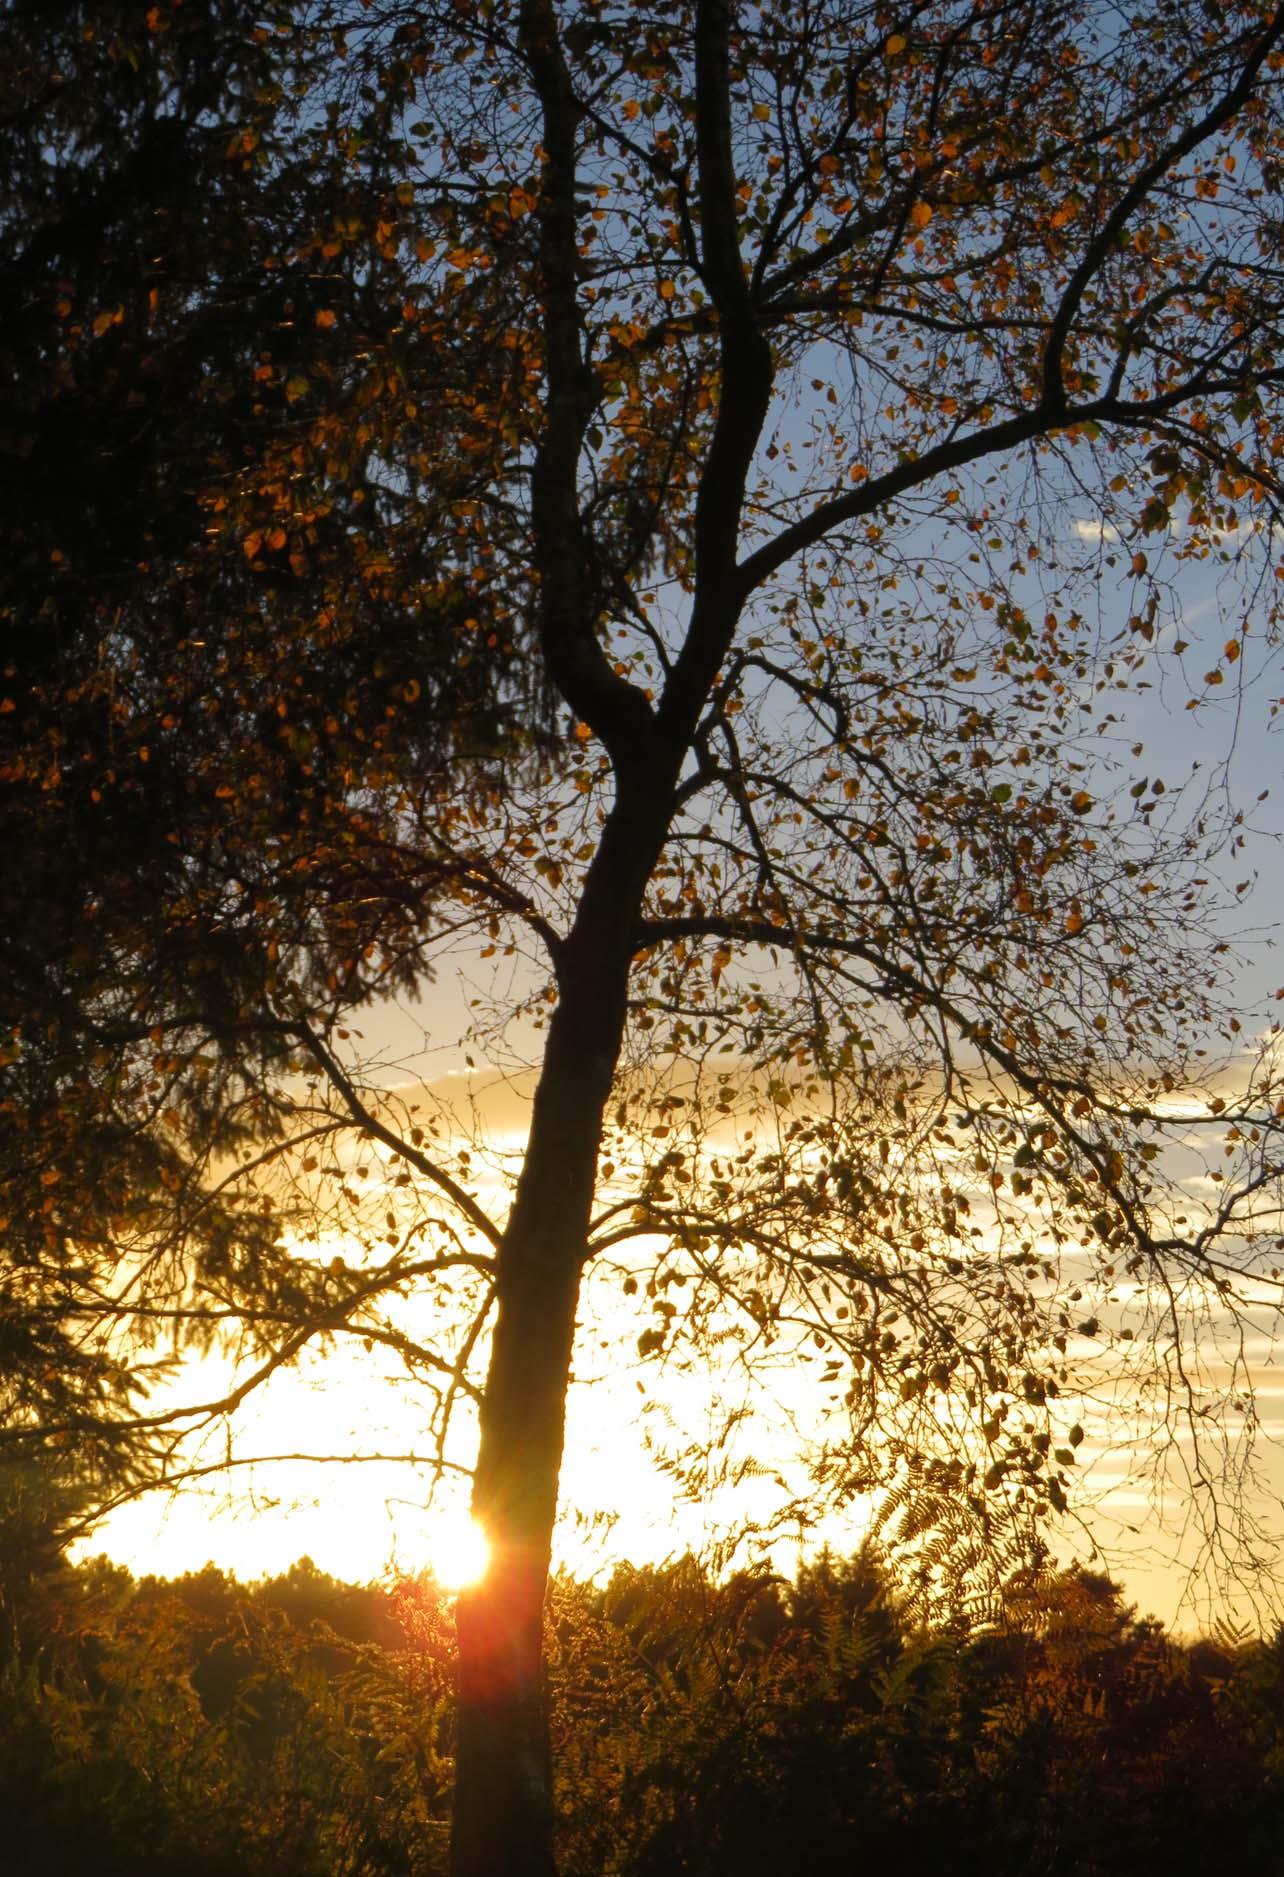 colloque nov 2016 et automne 053pm.jpg